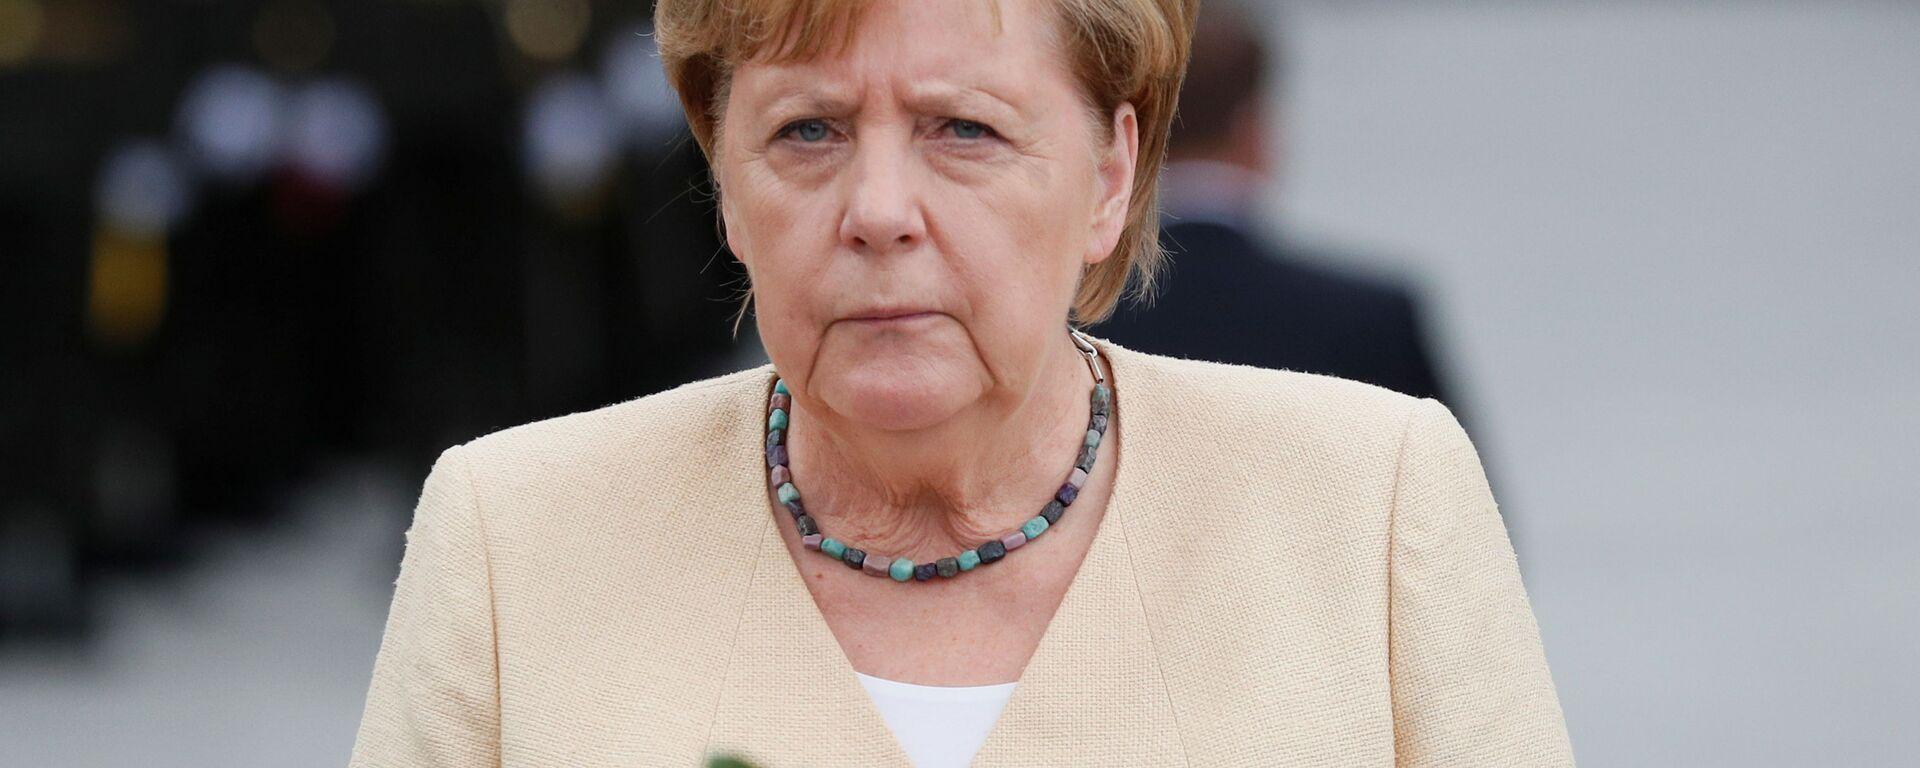 Wizyta Merkel w Kijowie - Sputnik Polska, 1920, 03.09.2021